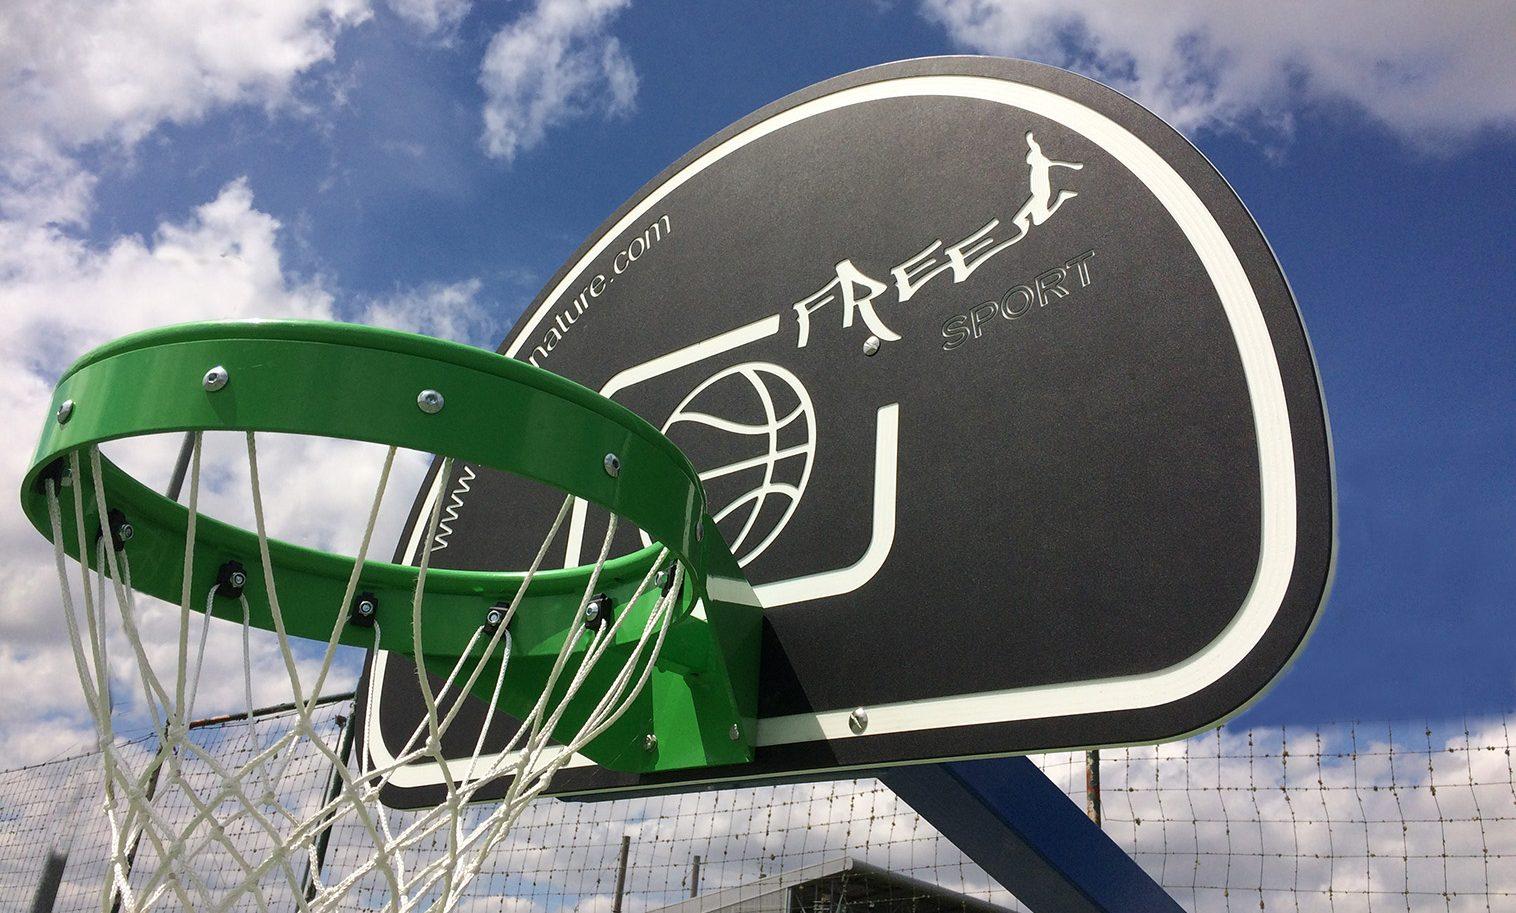 Panneau de basket pour terrains multisports ext rieur for Panneau pour exterieur